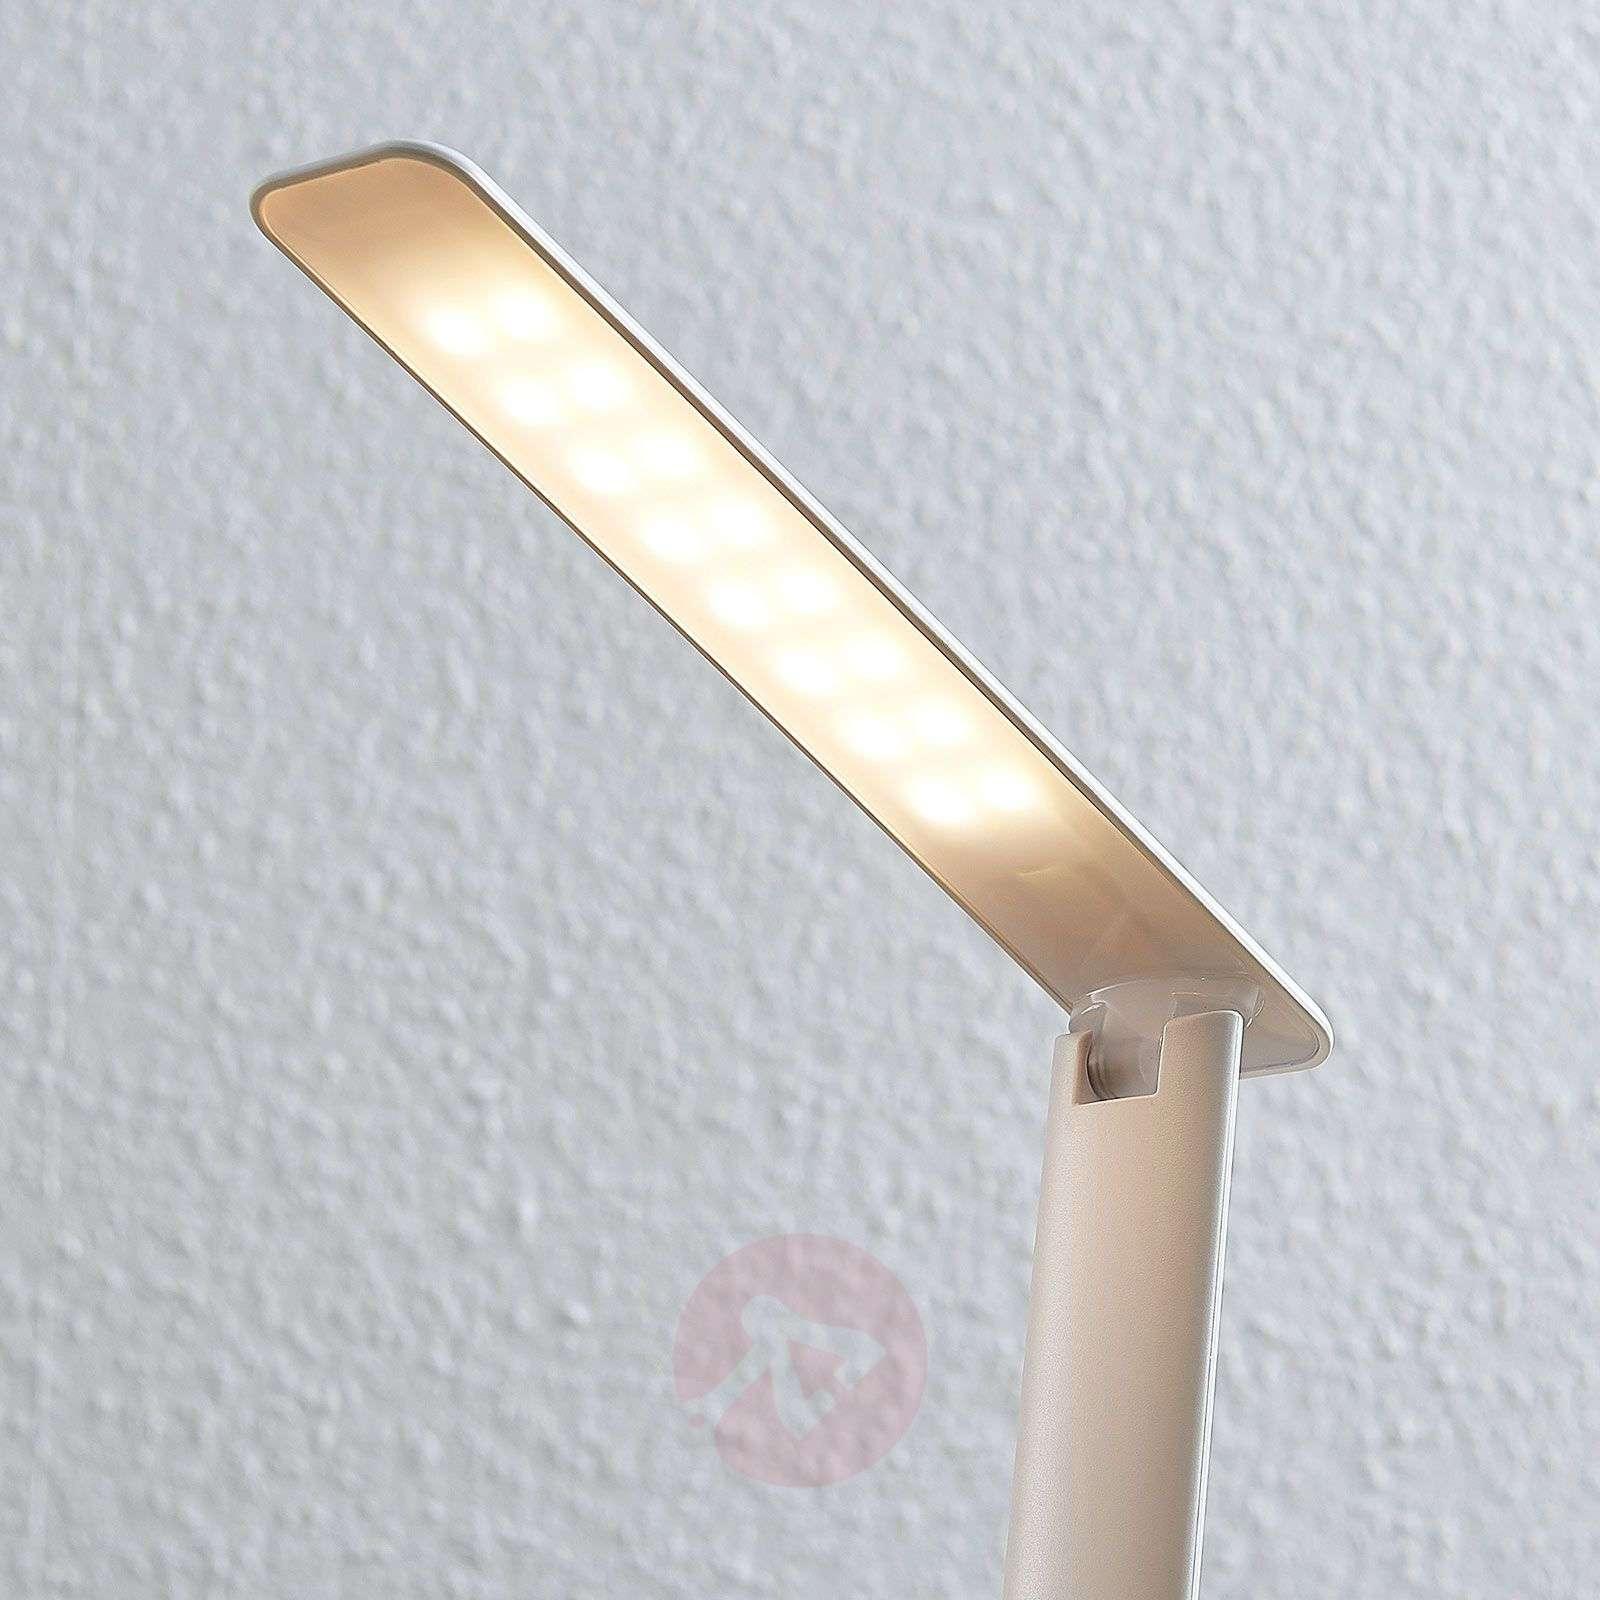 LED-työpöytälamppu Ludmilla, näyttö, valkoinen-9643077-02